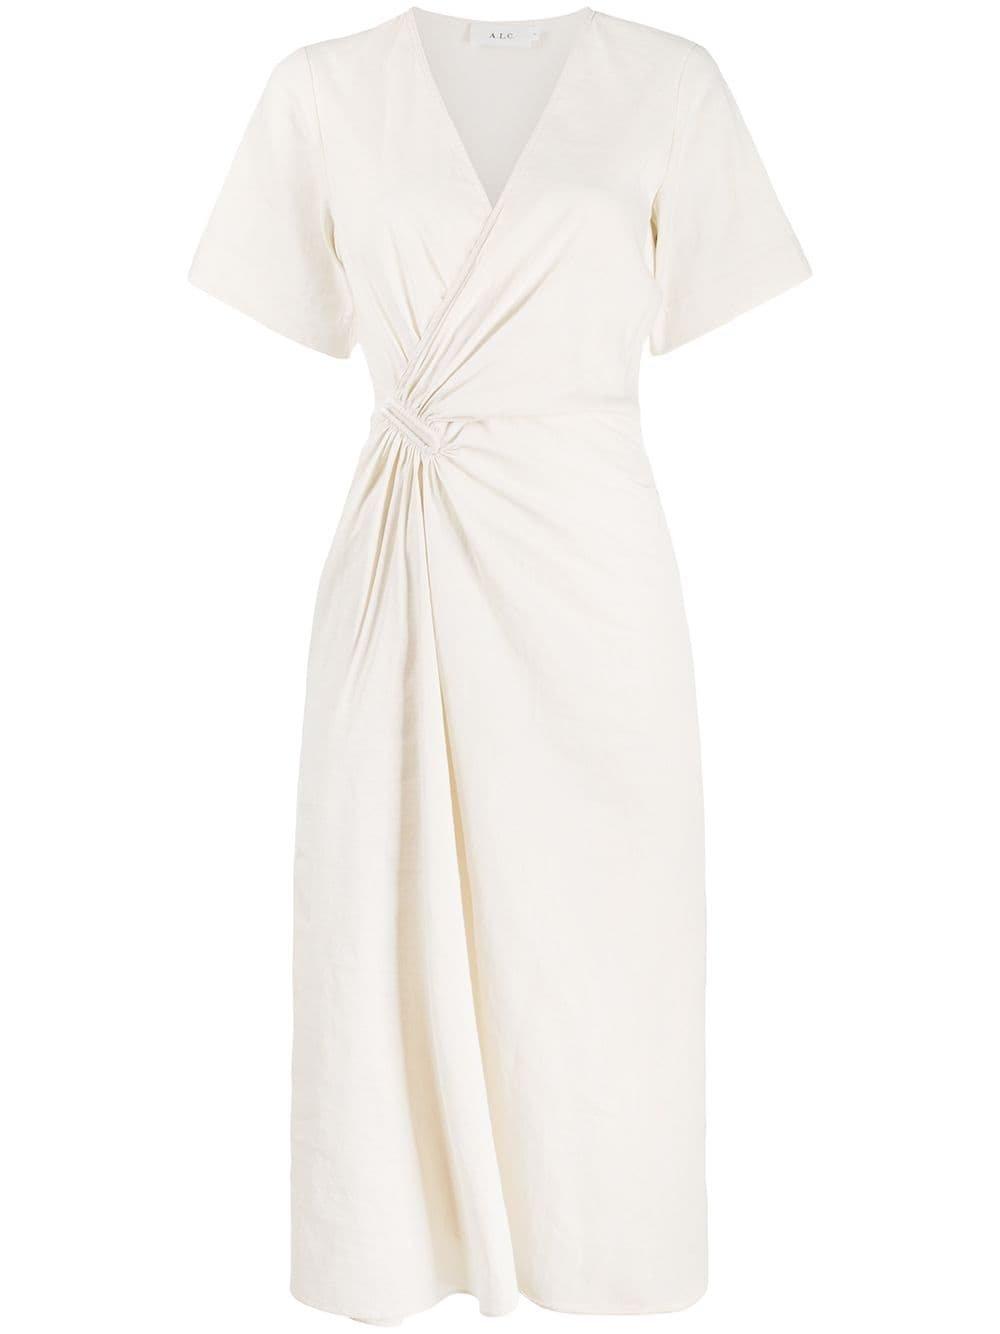 White A.l.c. Wrap-Effect Dress | Farfetch.com